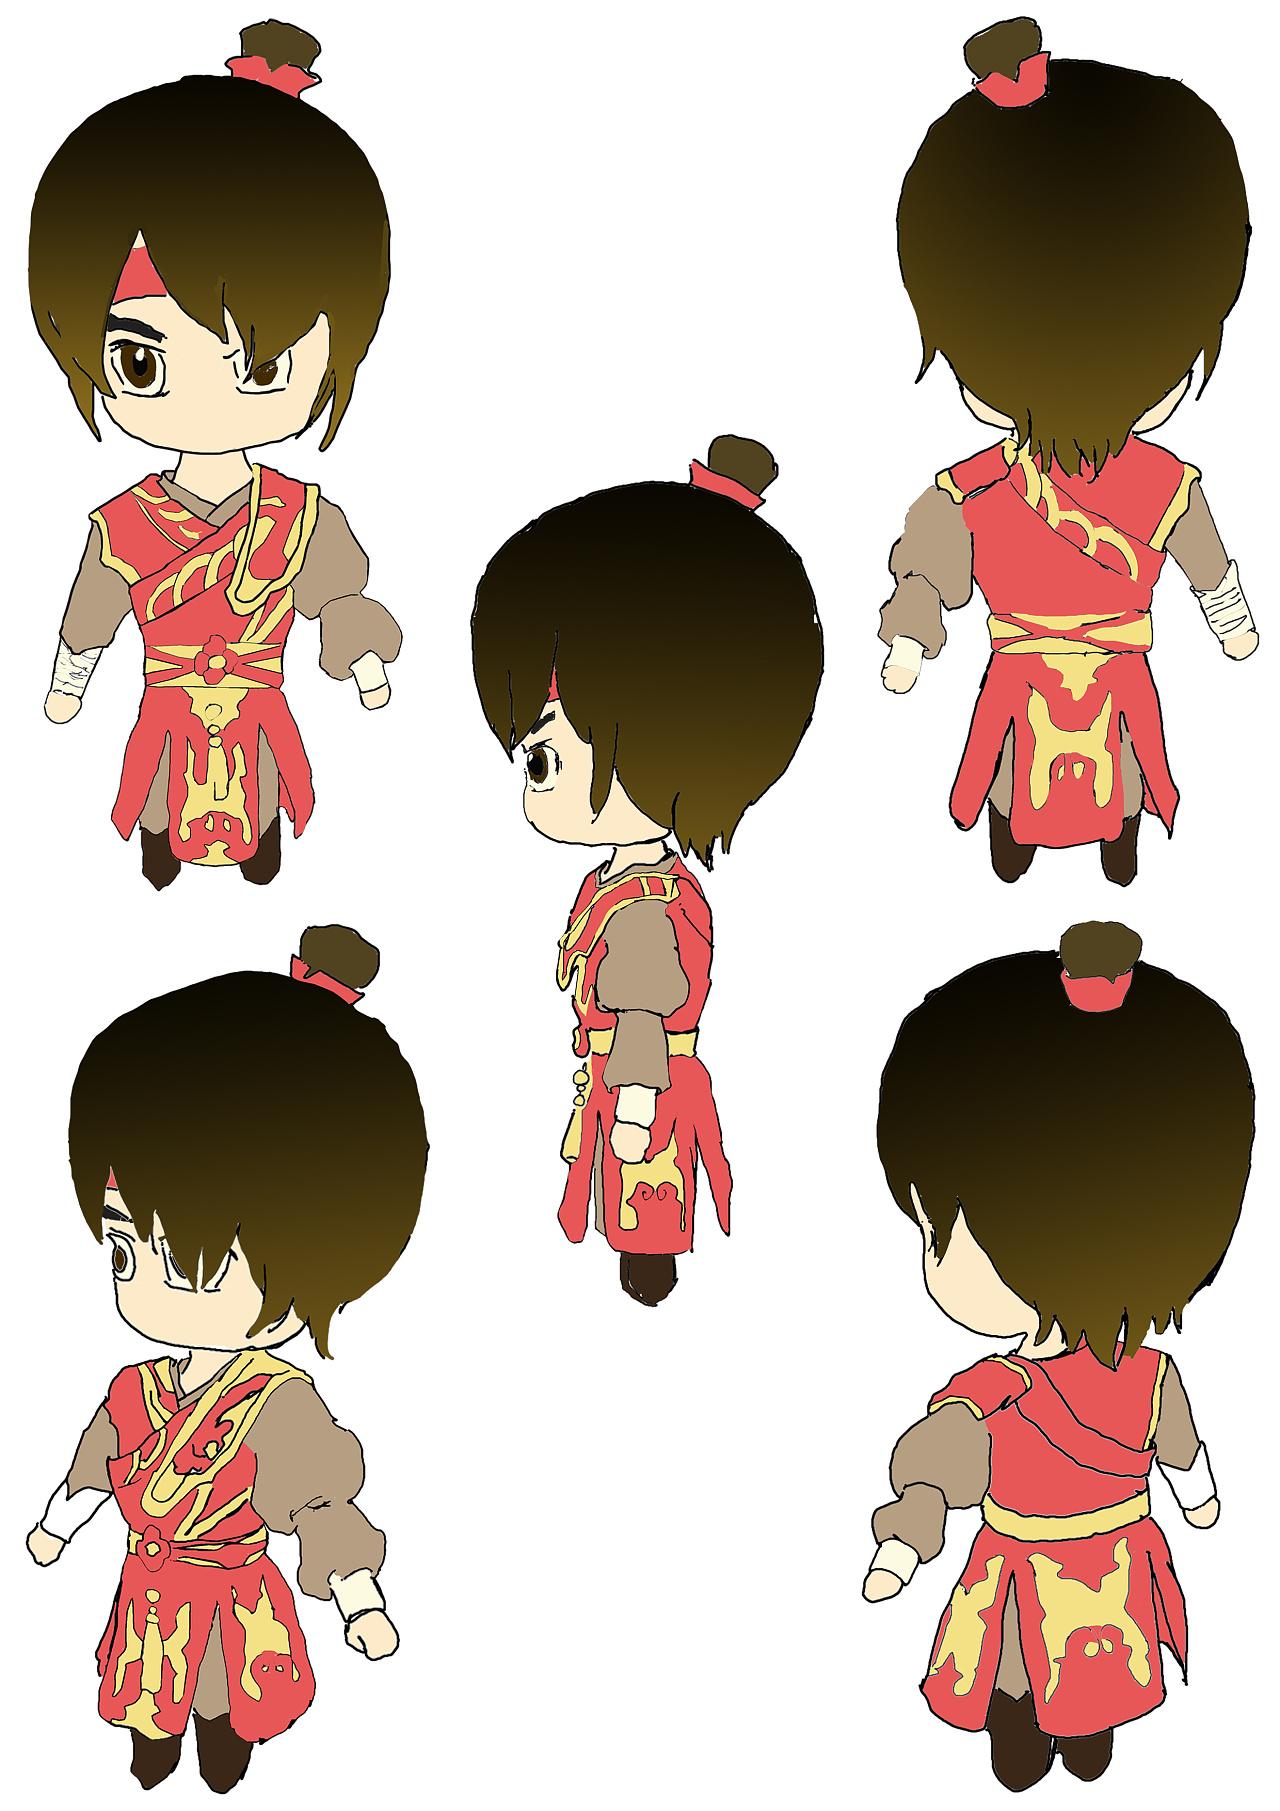 一个动画人物角色的五视图和相应的动画场景图片